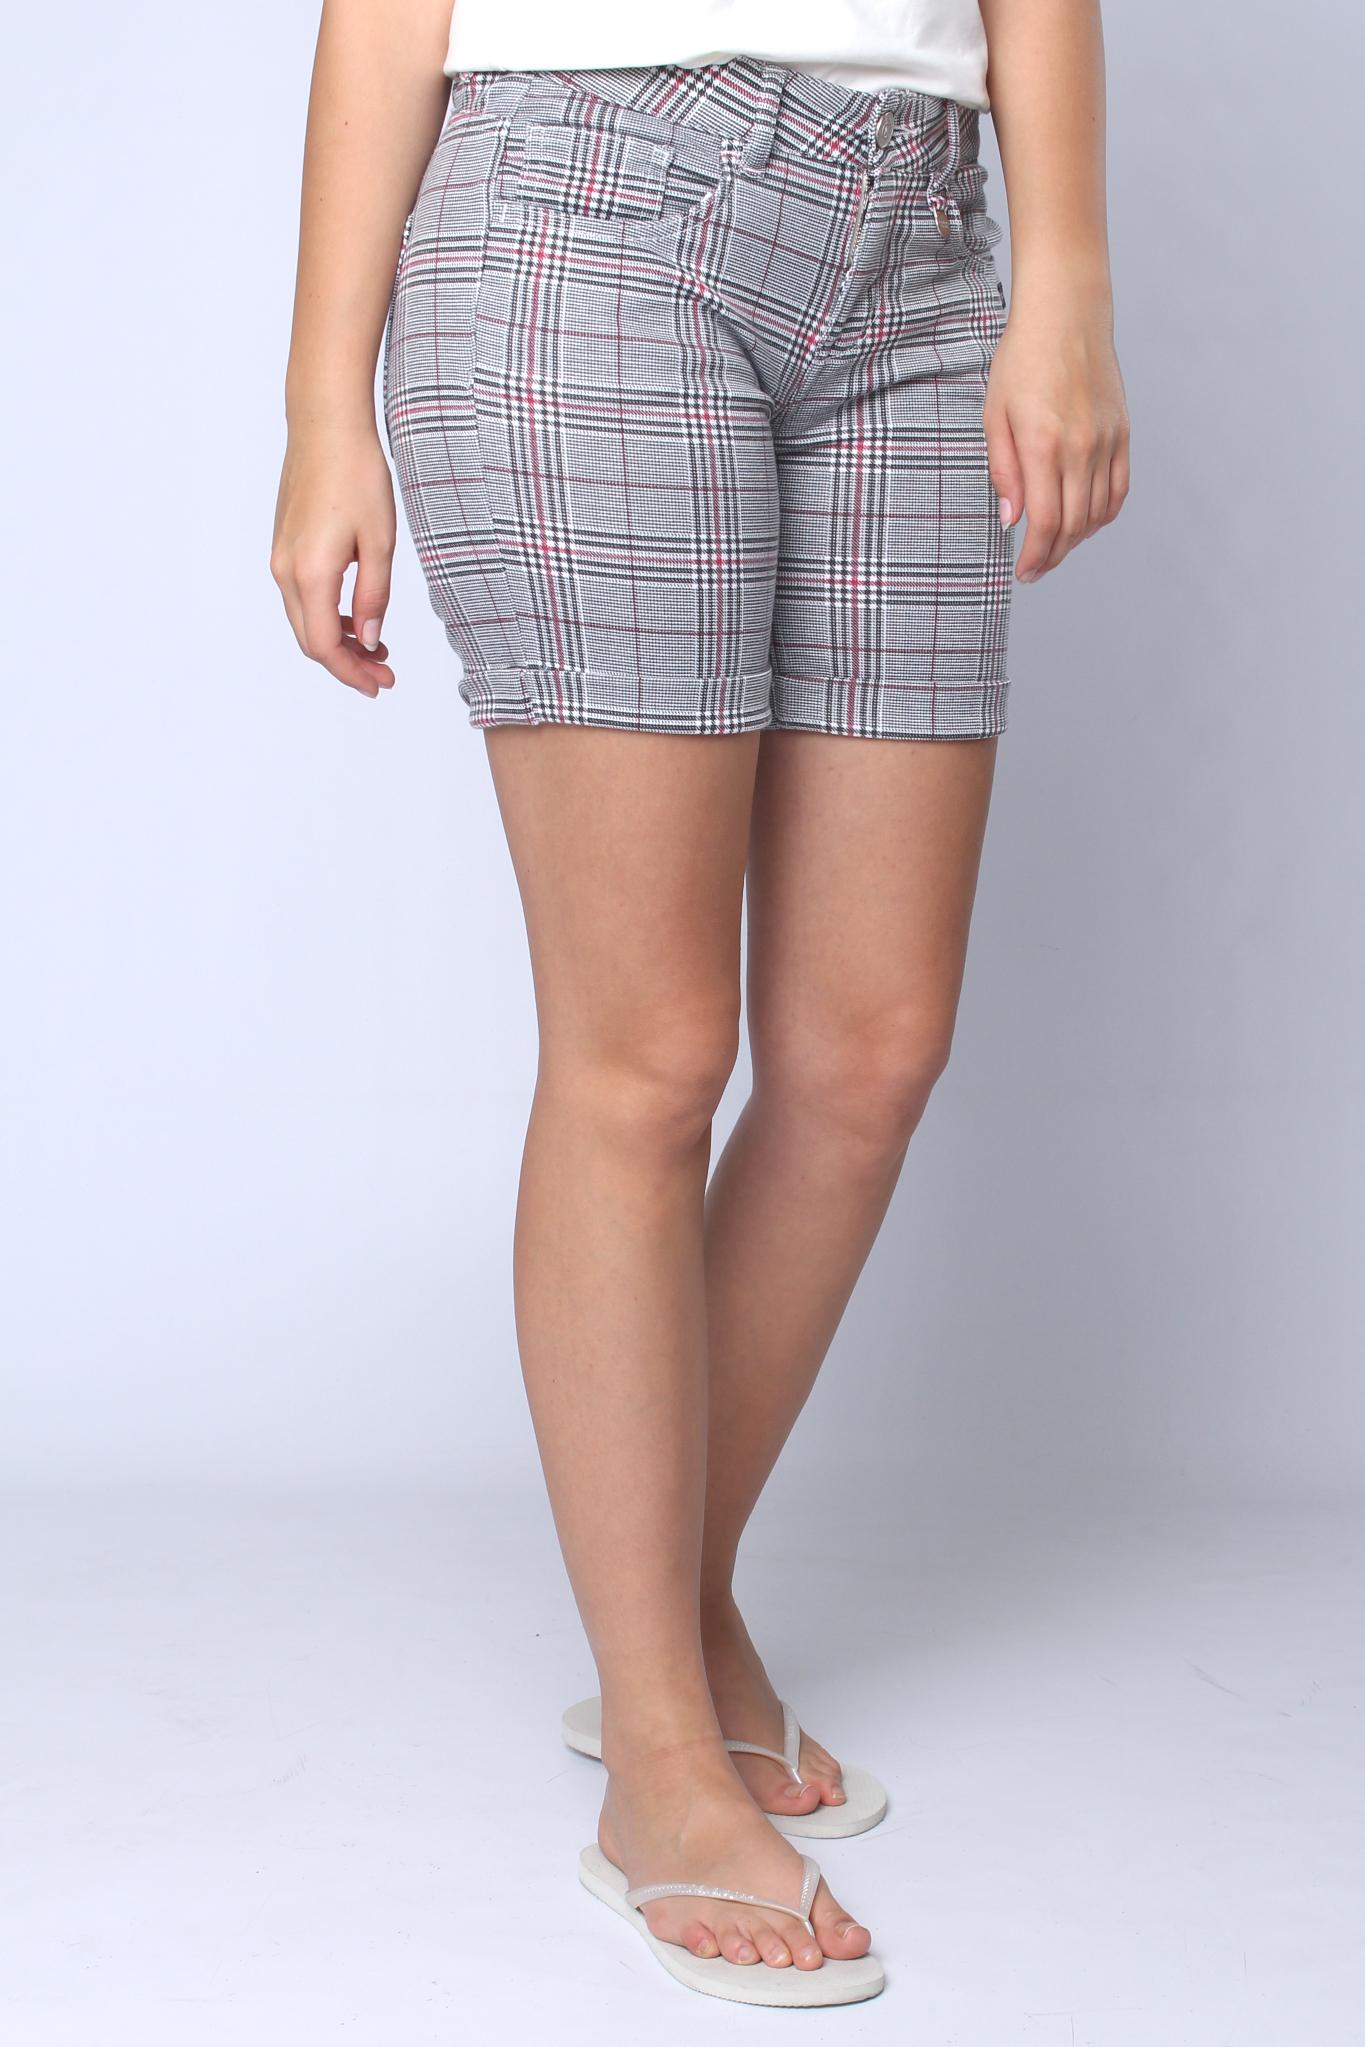 Shop für authentische Gutscheincodes sehr günstig GANG Damen Shorts -